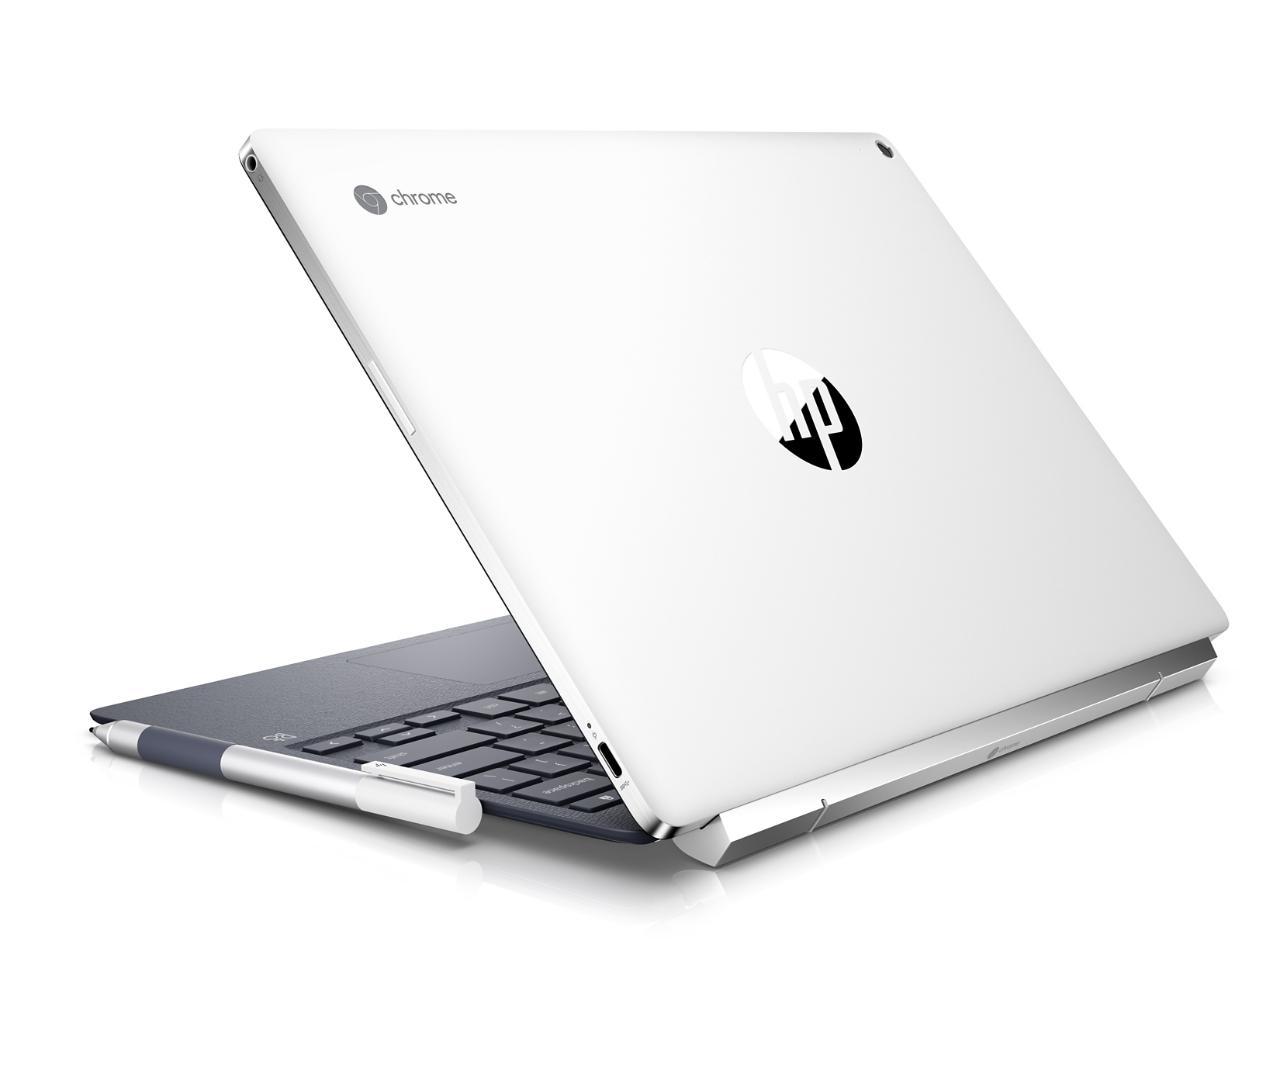 HP giới thiệu Chromebook x2- Chromebook đầu tiên trên thế giới có thể tháo rời`